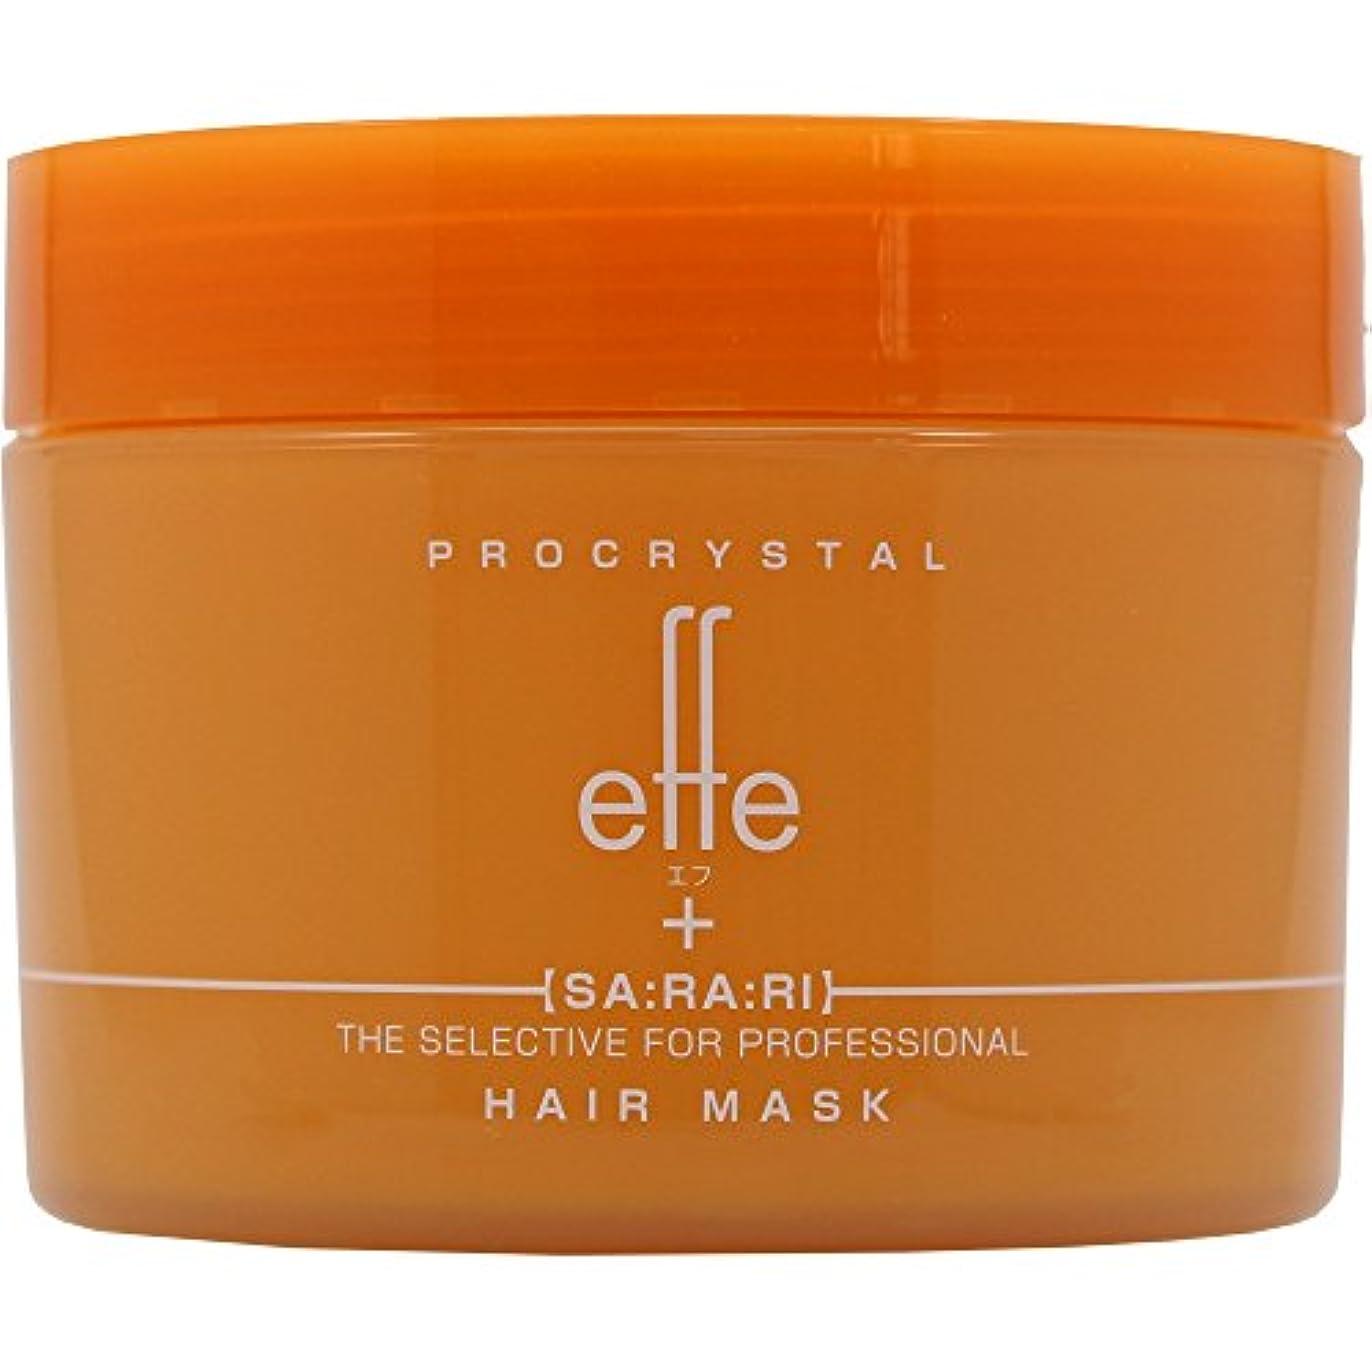 ピューさびた発症アペティート化粧品 プロクリスタル effe (エフ) ヘアマスク さらり200g